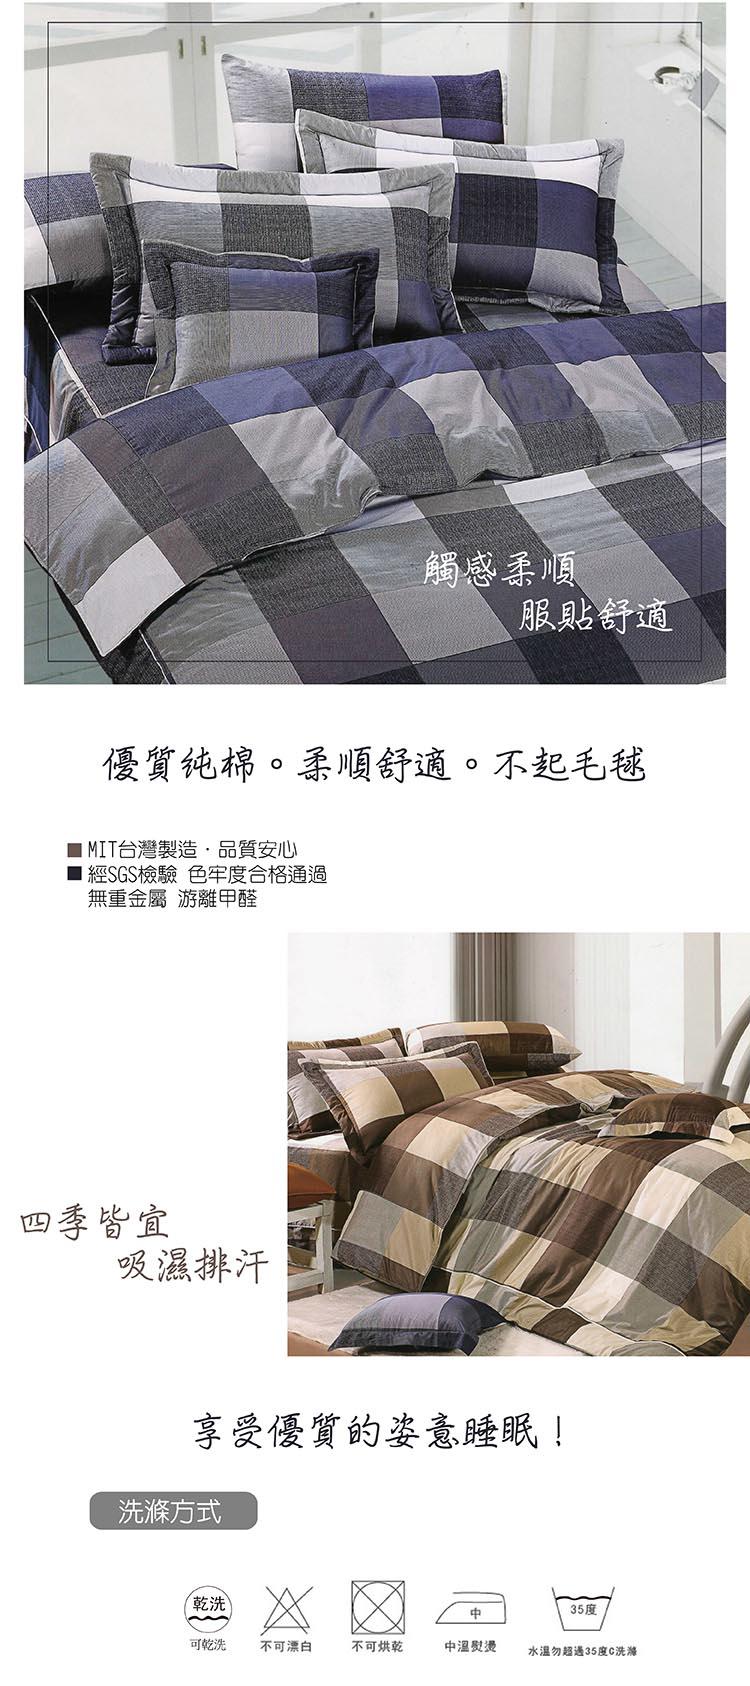 雙人7件式床罩組 (格子)【專櫃精品、100%純綿、台灣製】# 寢國寢城 1